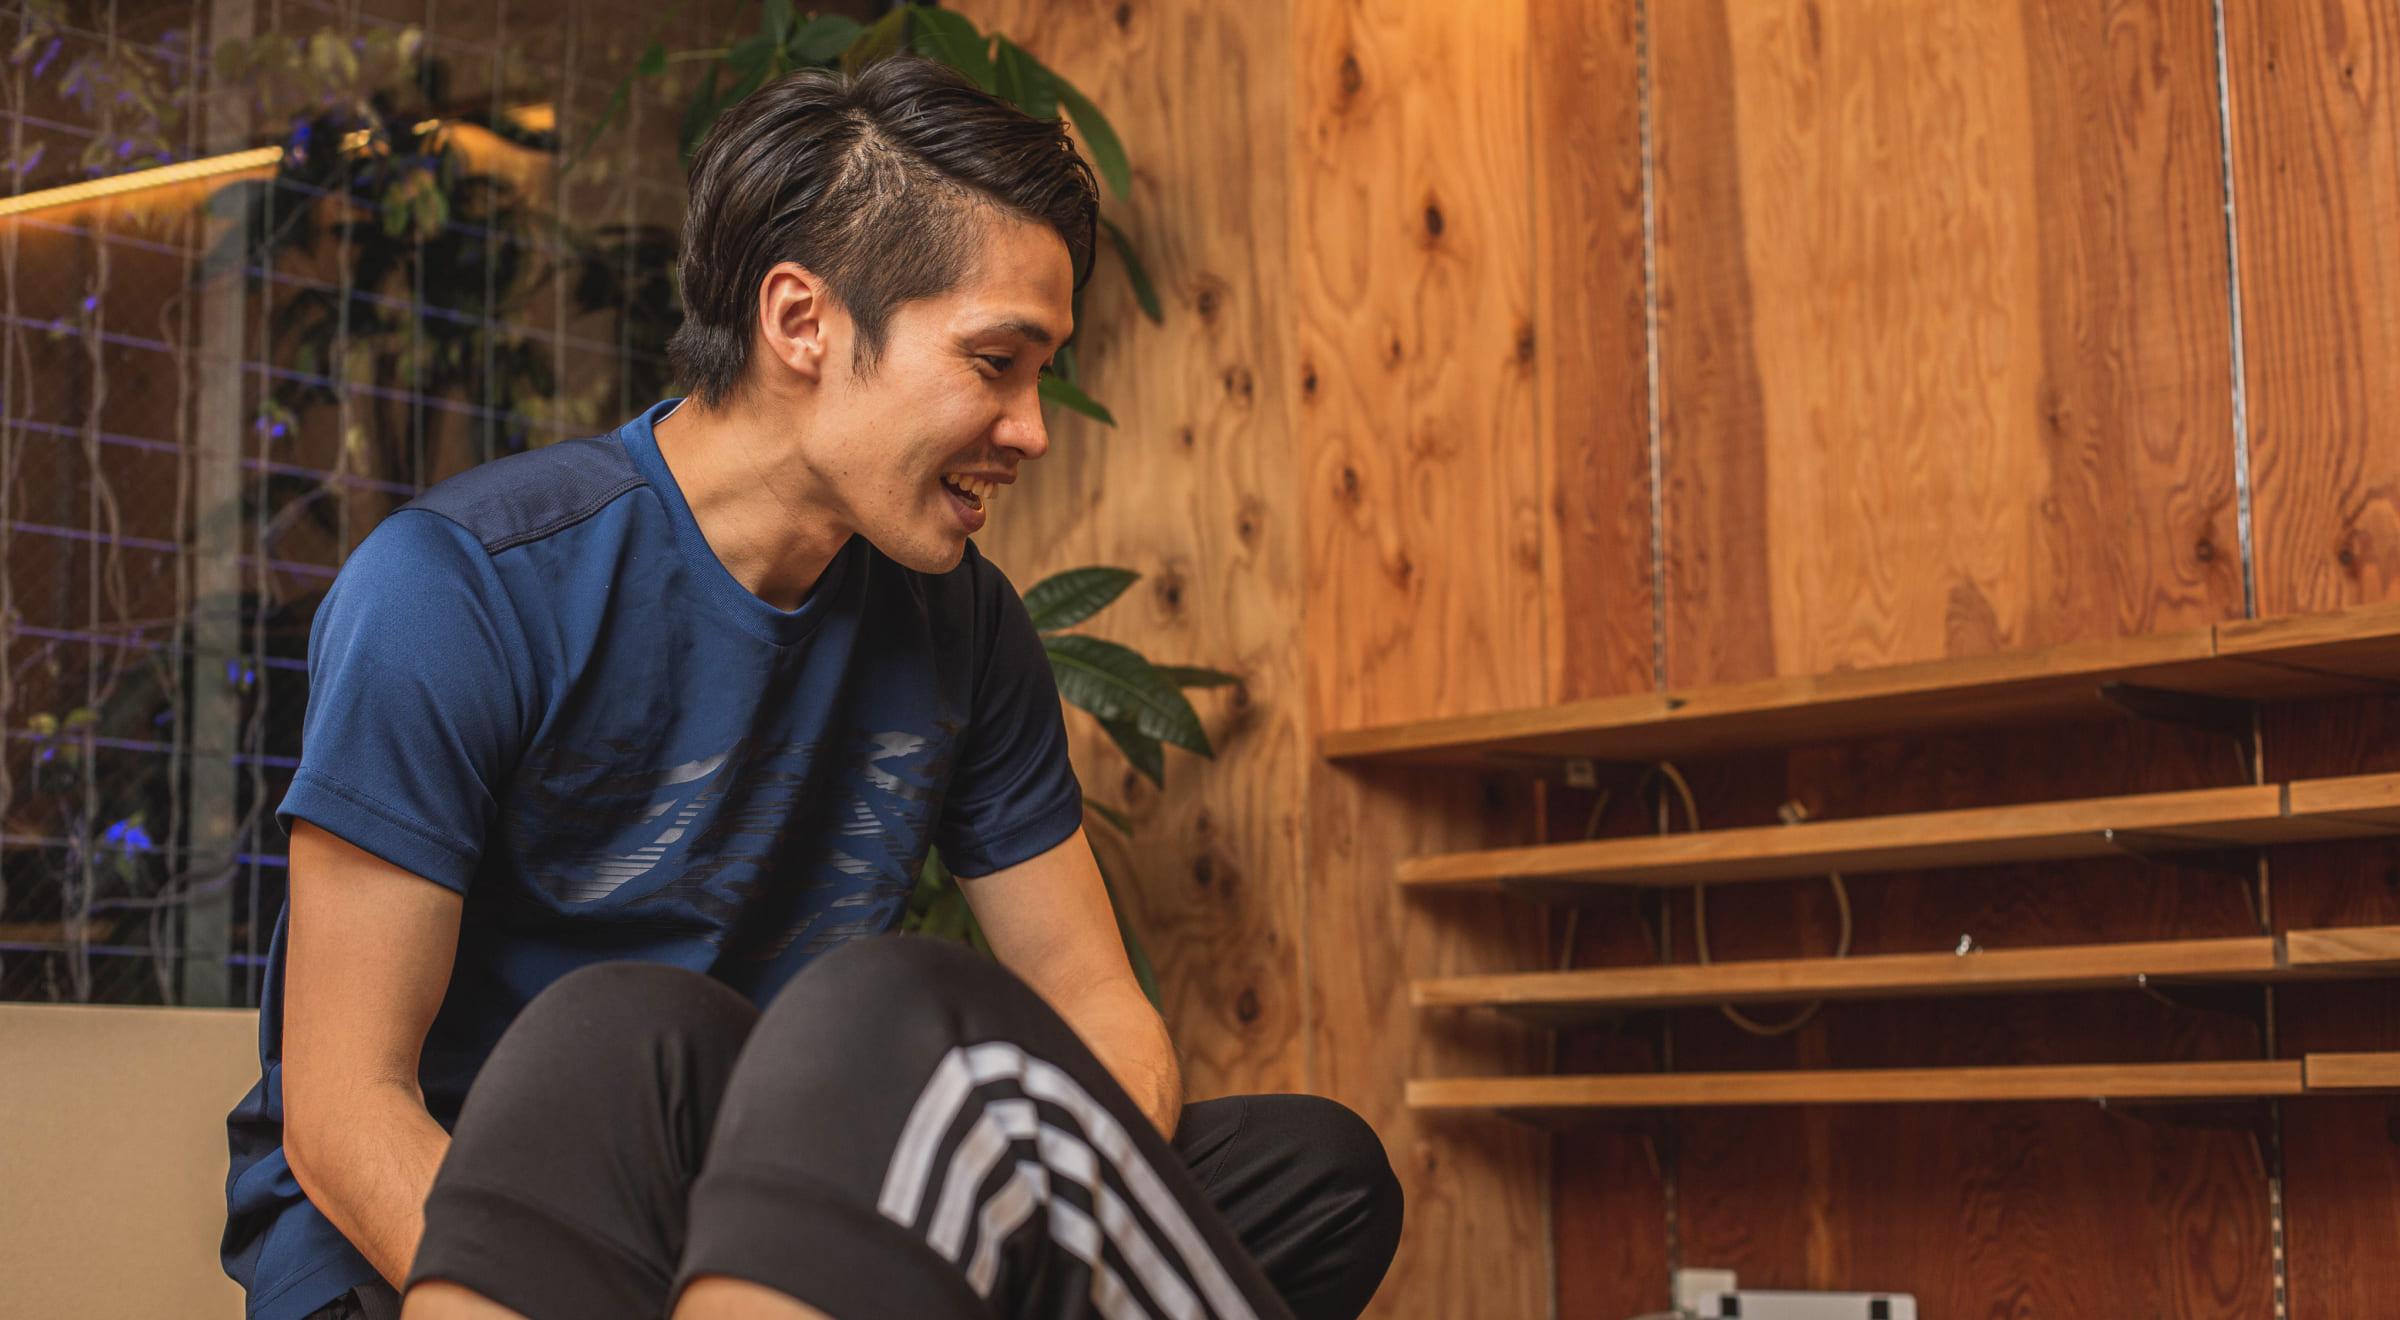 写真:トレーニングのサポートをしている男性